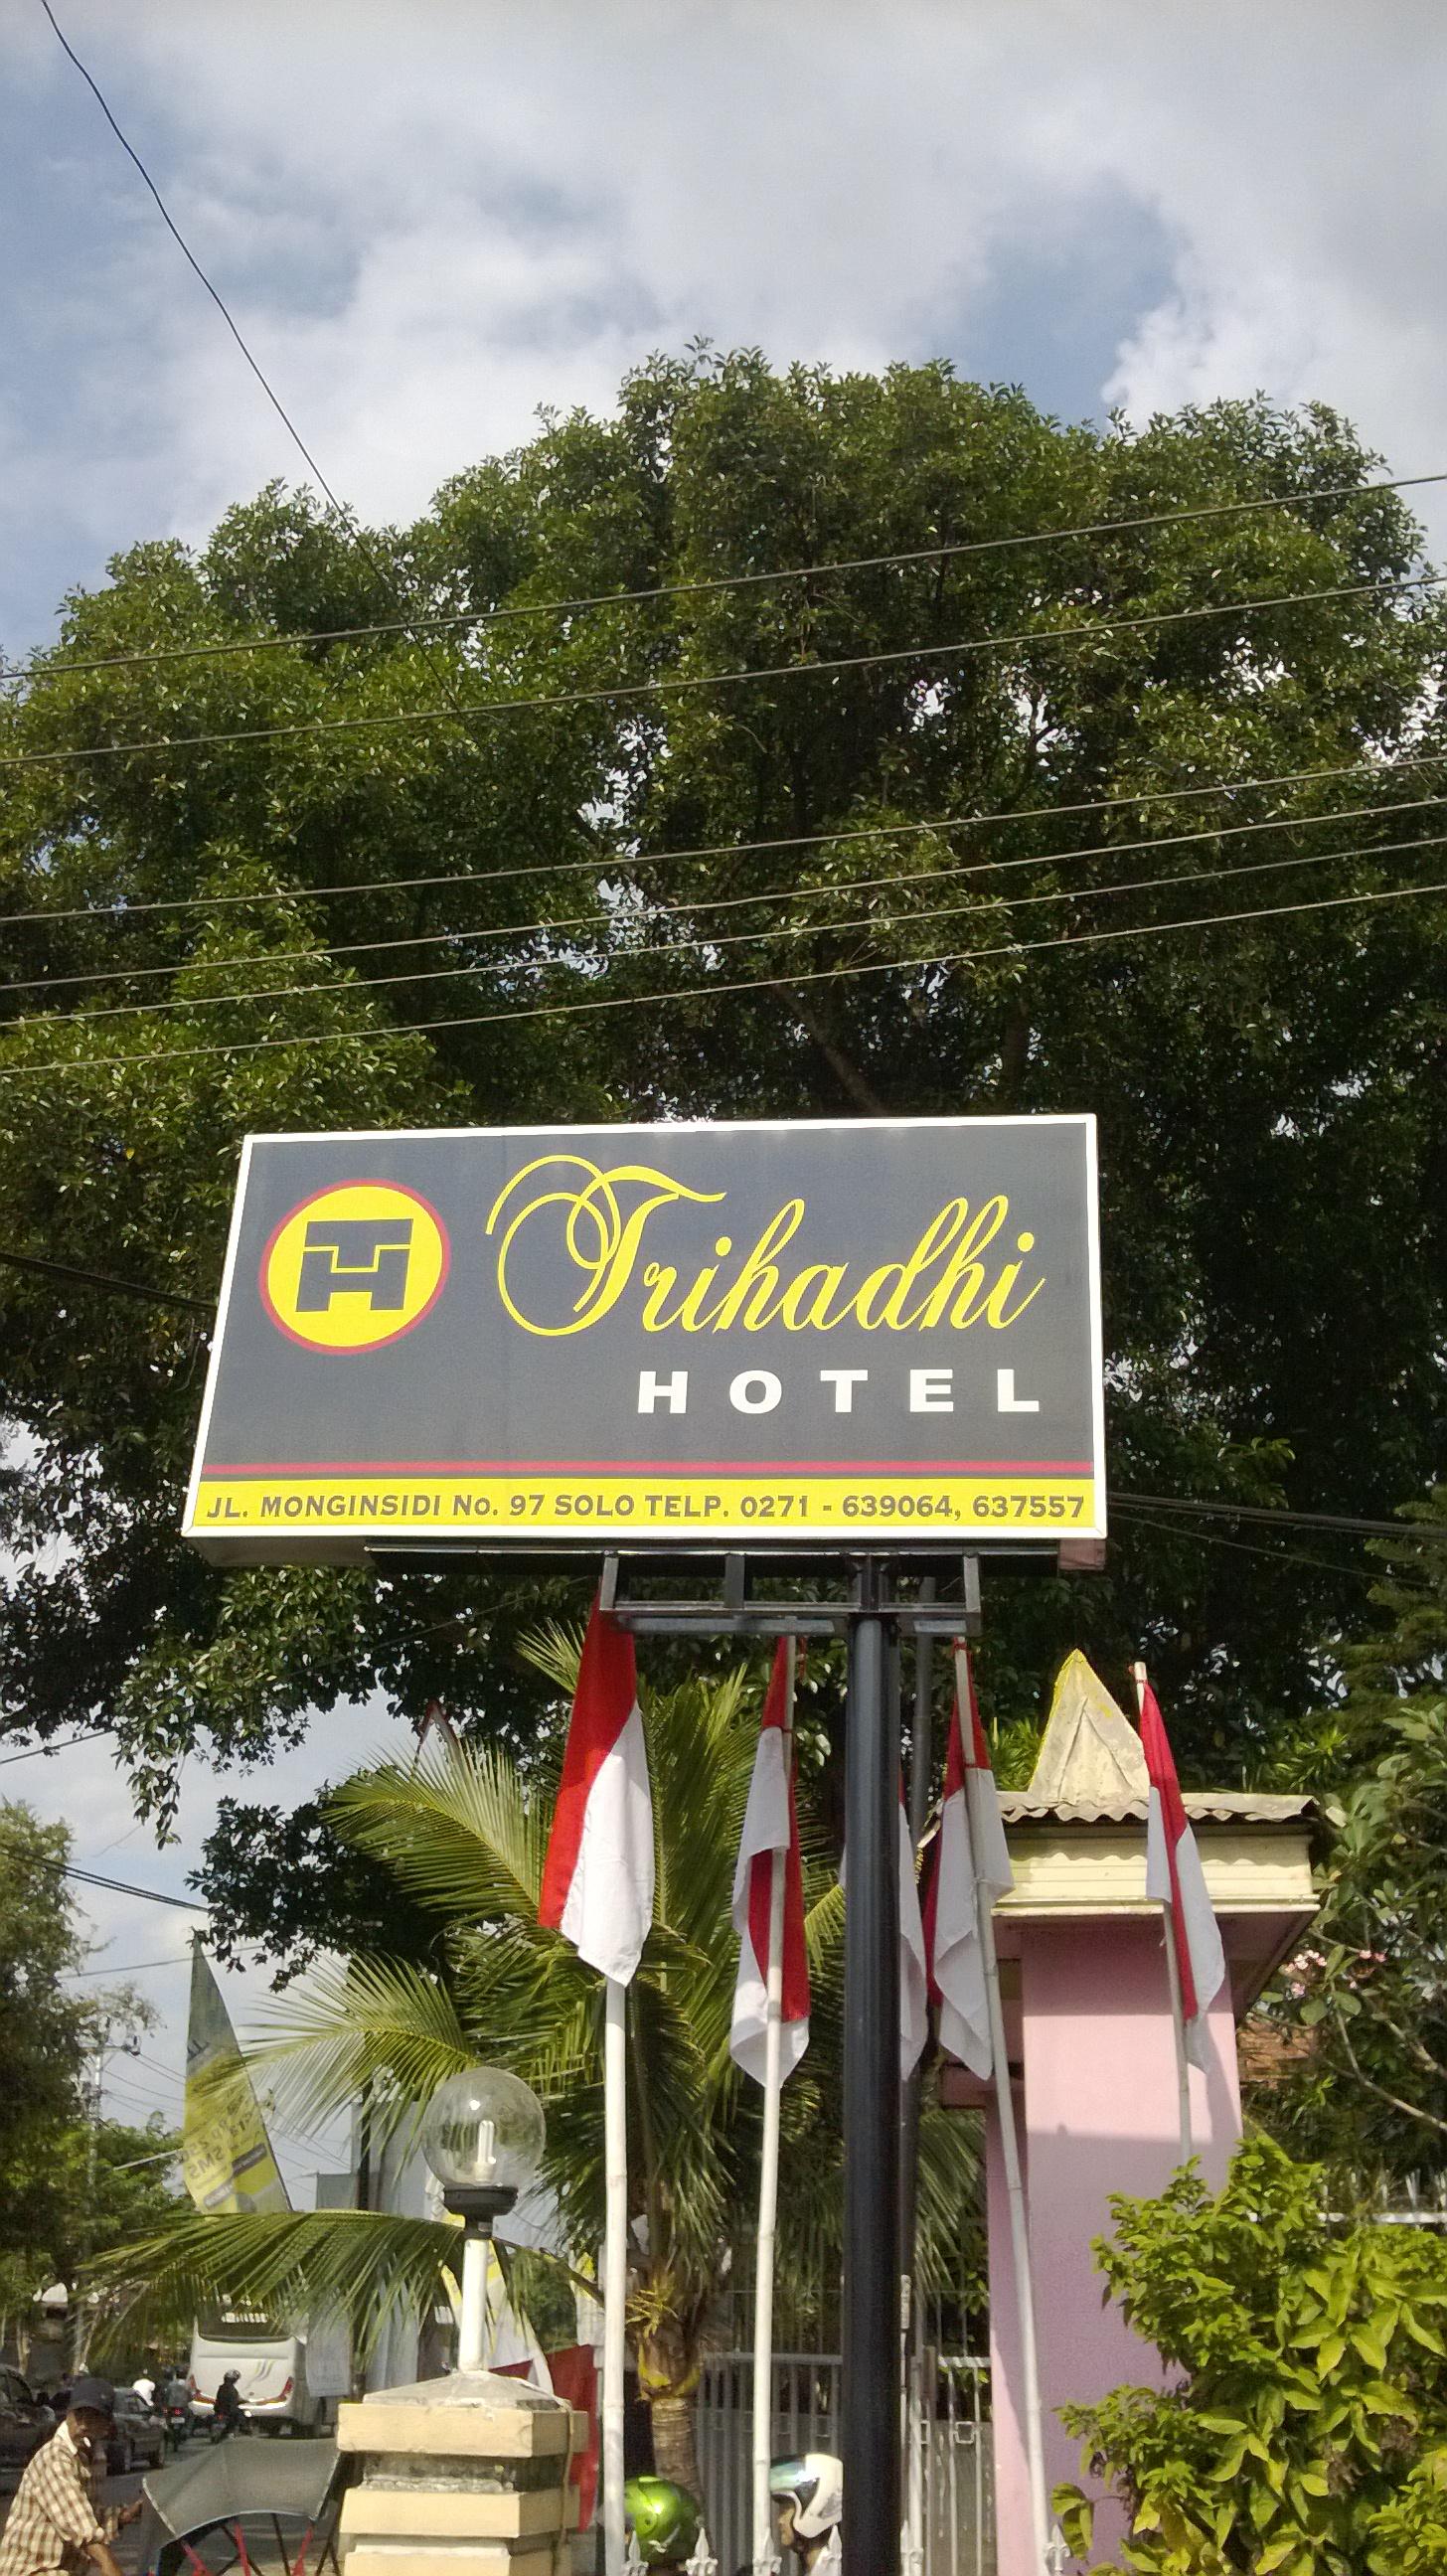 Pintu Depan Hotel Trihadhi Kamar Yang Murah Bisa Di Akses Lewat Samping Belakang